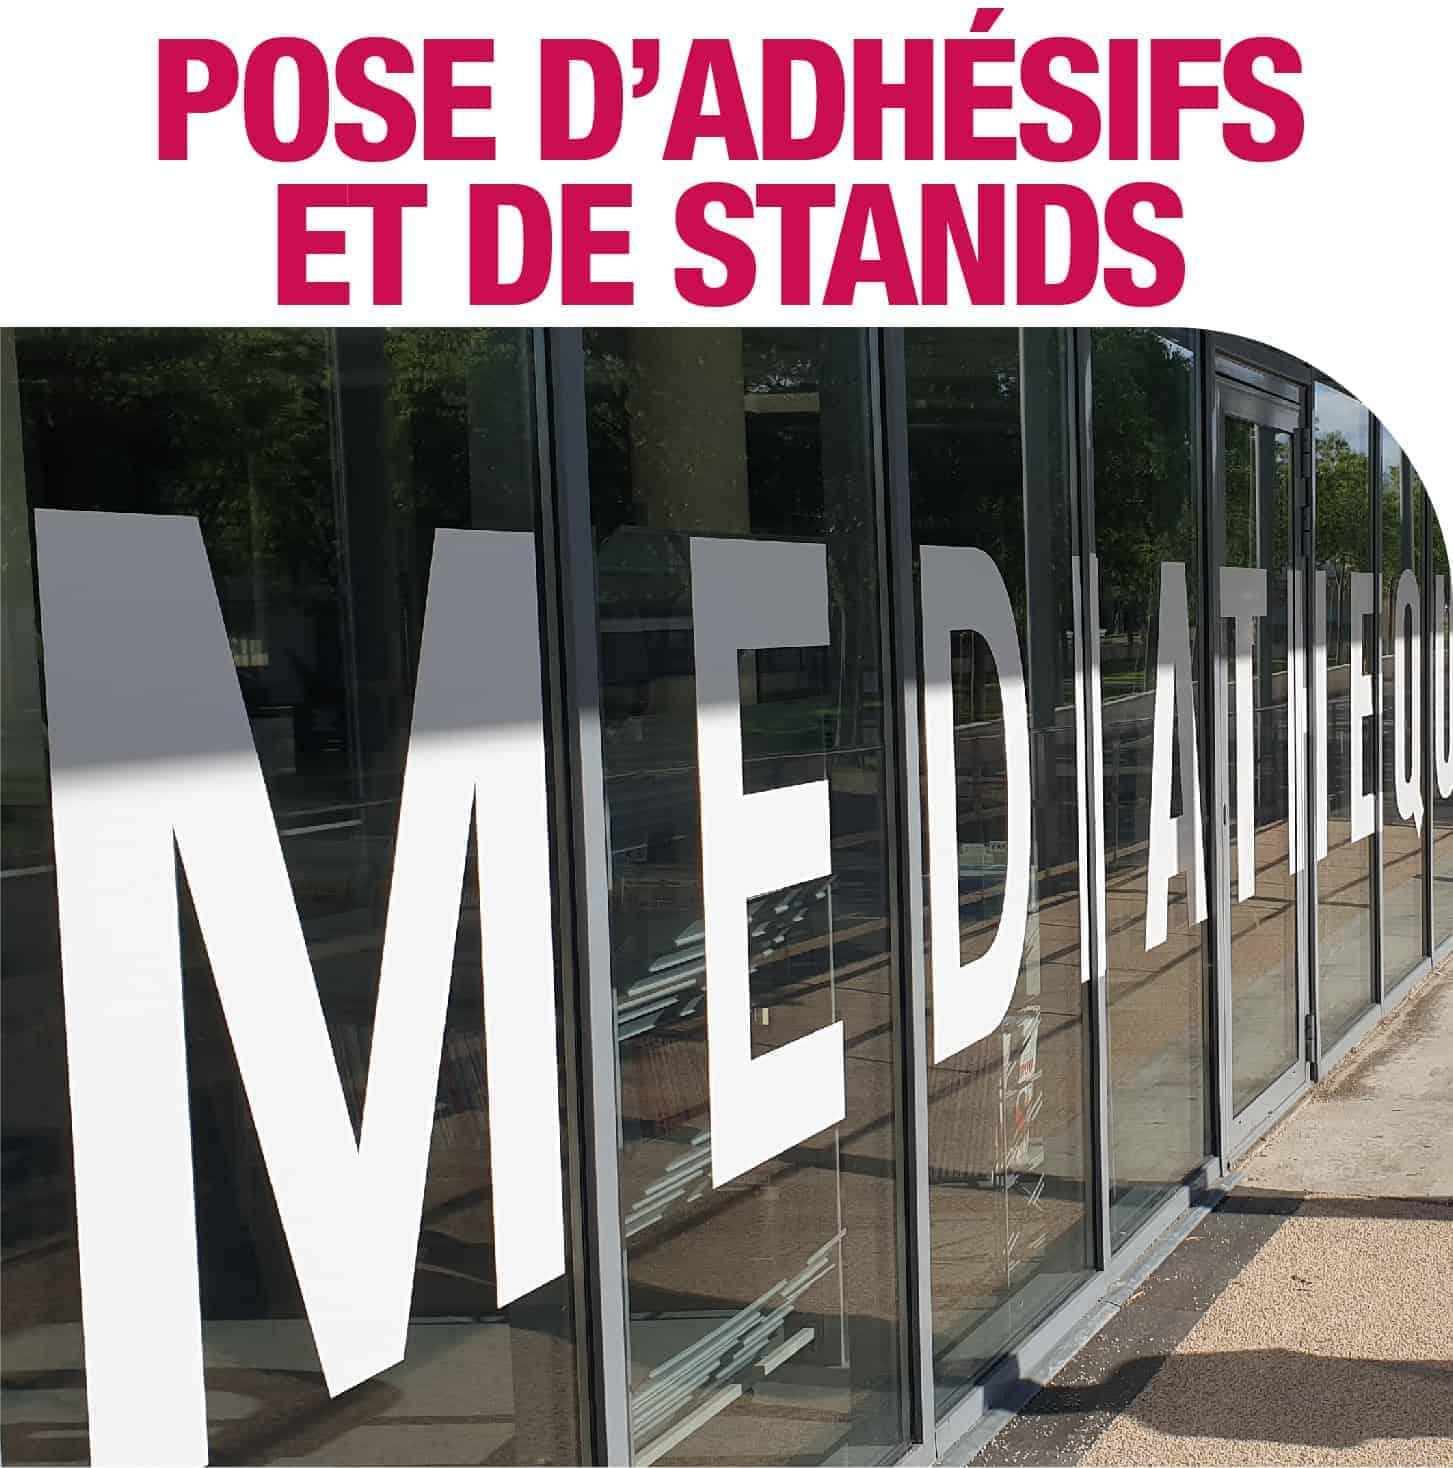 POSE D ADHESIFS ET DE STAND